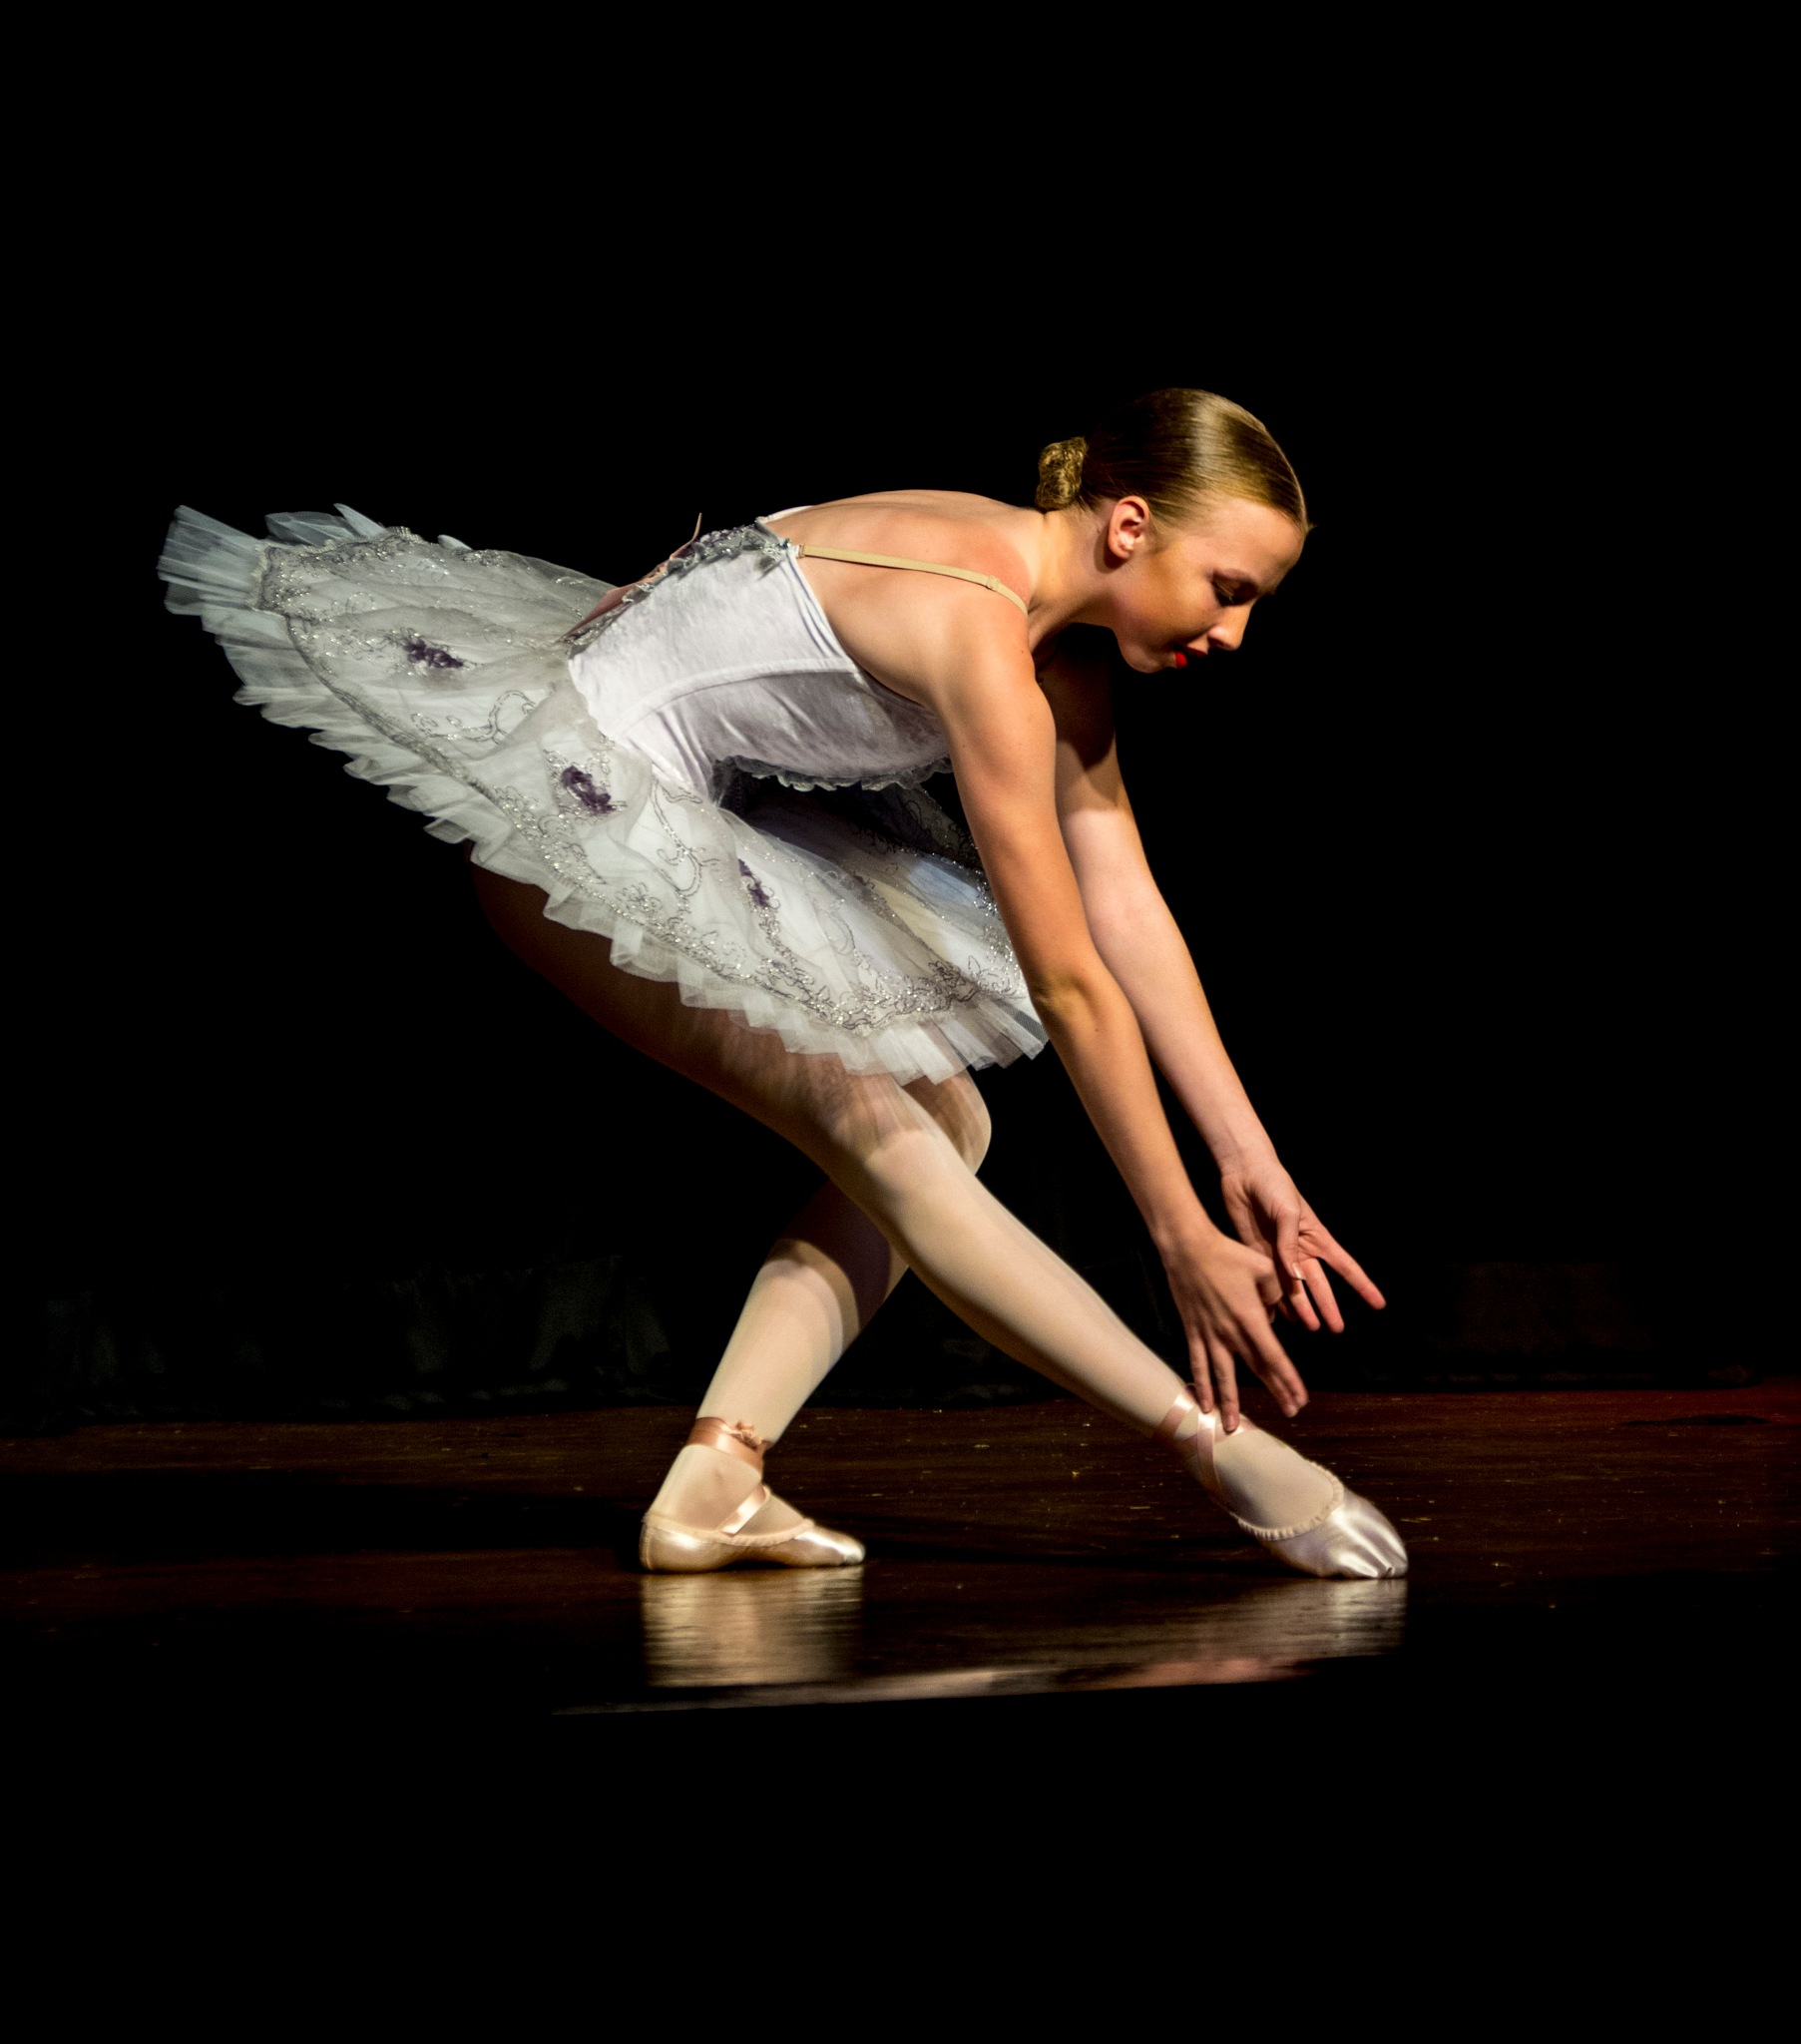 ballet by Graham_i